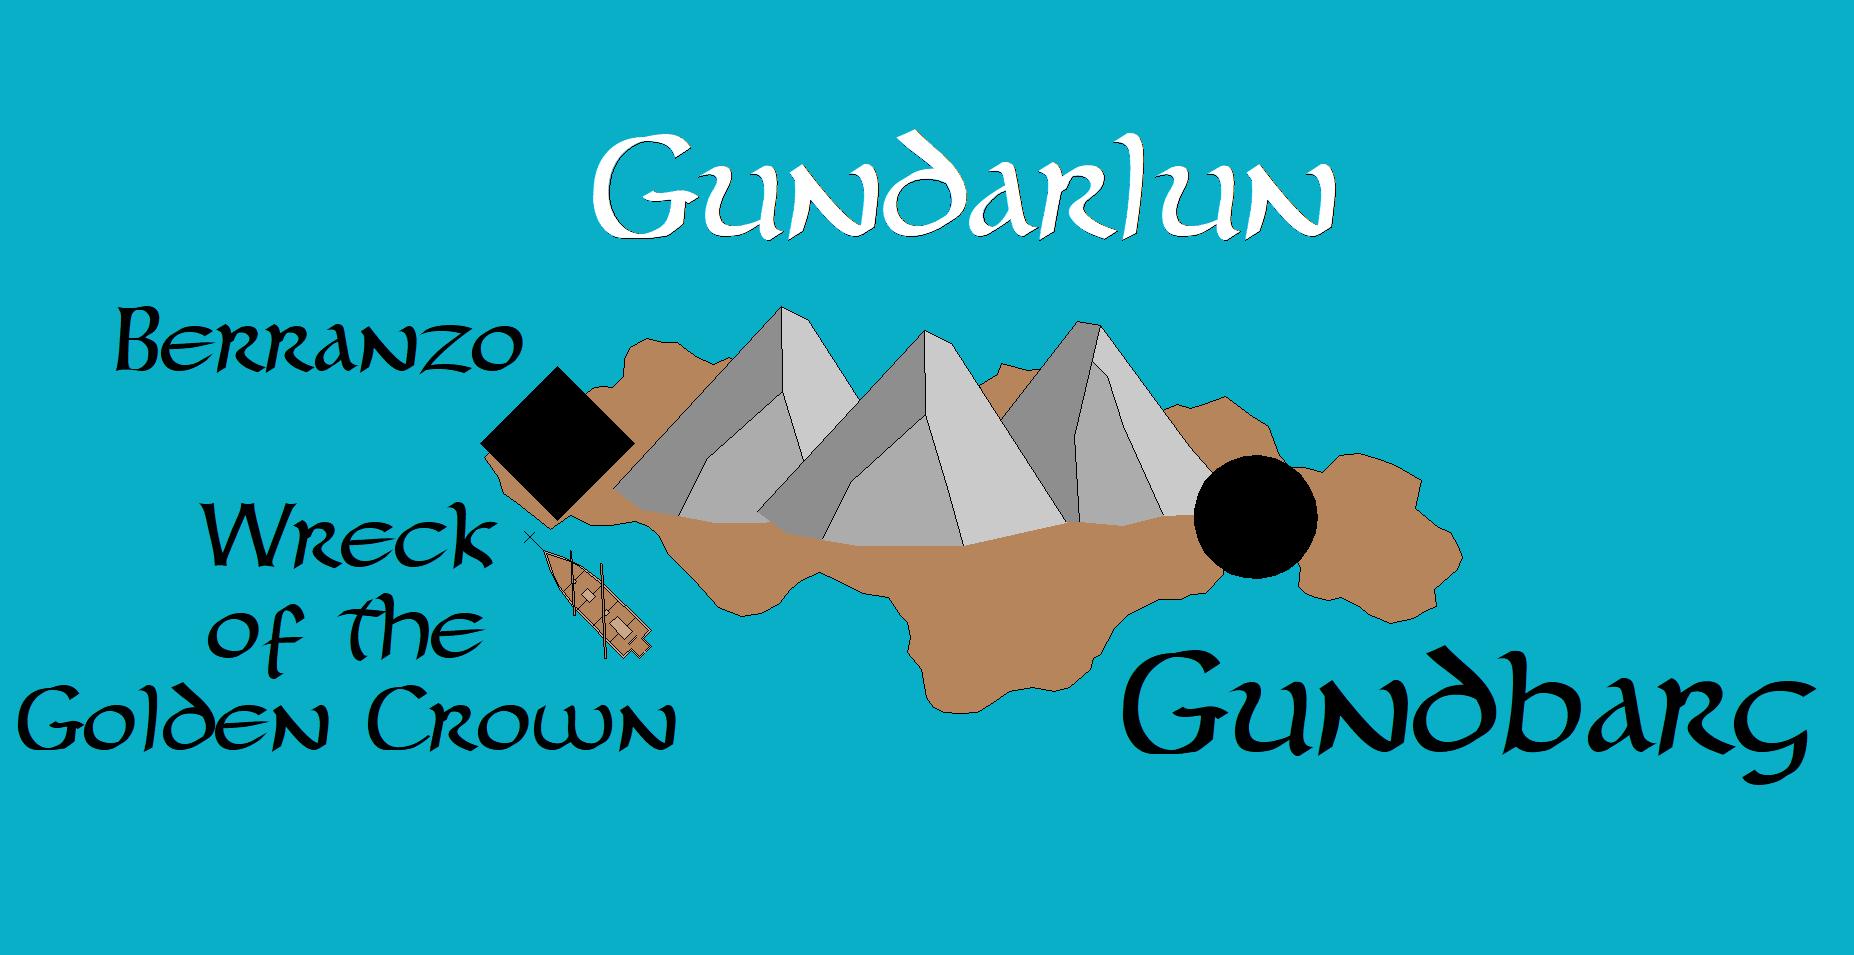 Gundbarg